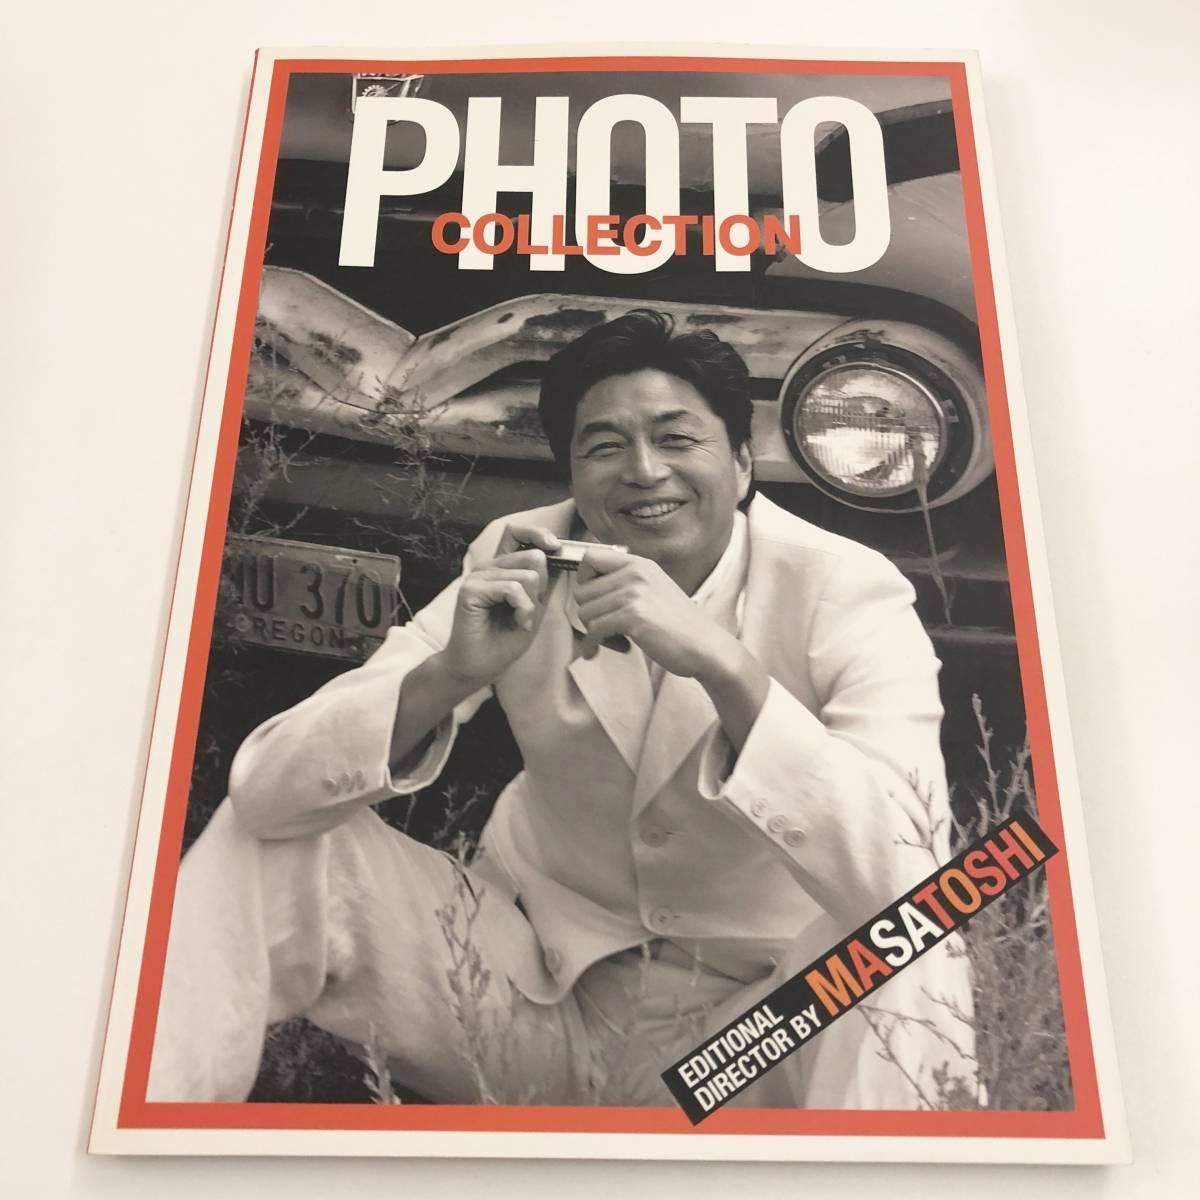 中村雅俊 PHOTO COLLECTION Cross my fingers (写真集 フォトブック パンフレット)